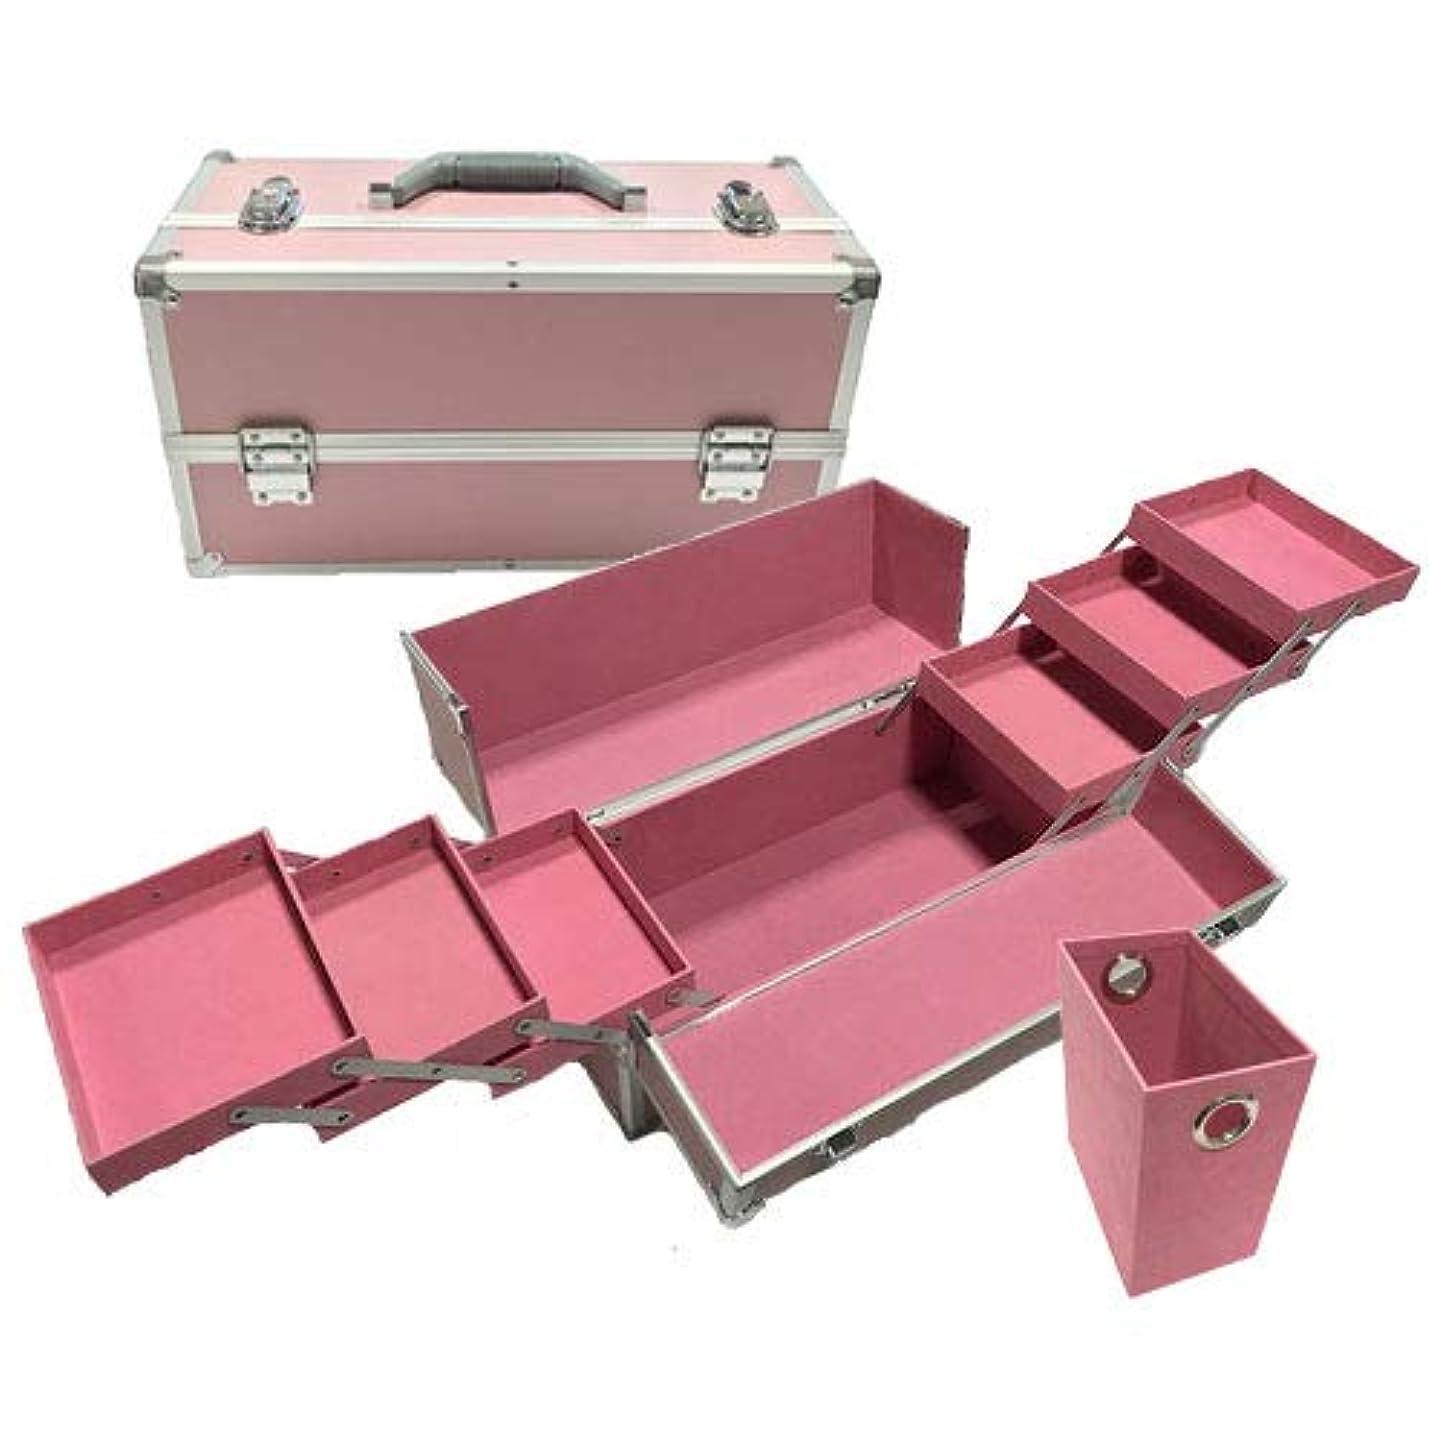 ロードブロッキング土地柔らかさリライアブル コスメボックス ワイド RB203-PP 鍵付き プロ仕様 メイクボックス 大容量 化粧品収納 小物入れ 6段トレー ベロア メイクケース コスメBOX 持ち運び ネイルケース